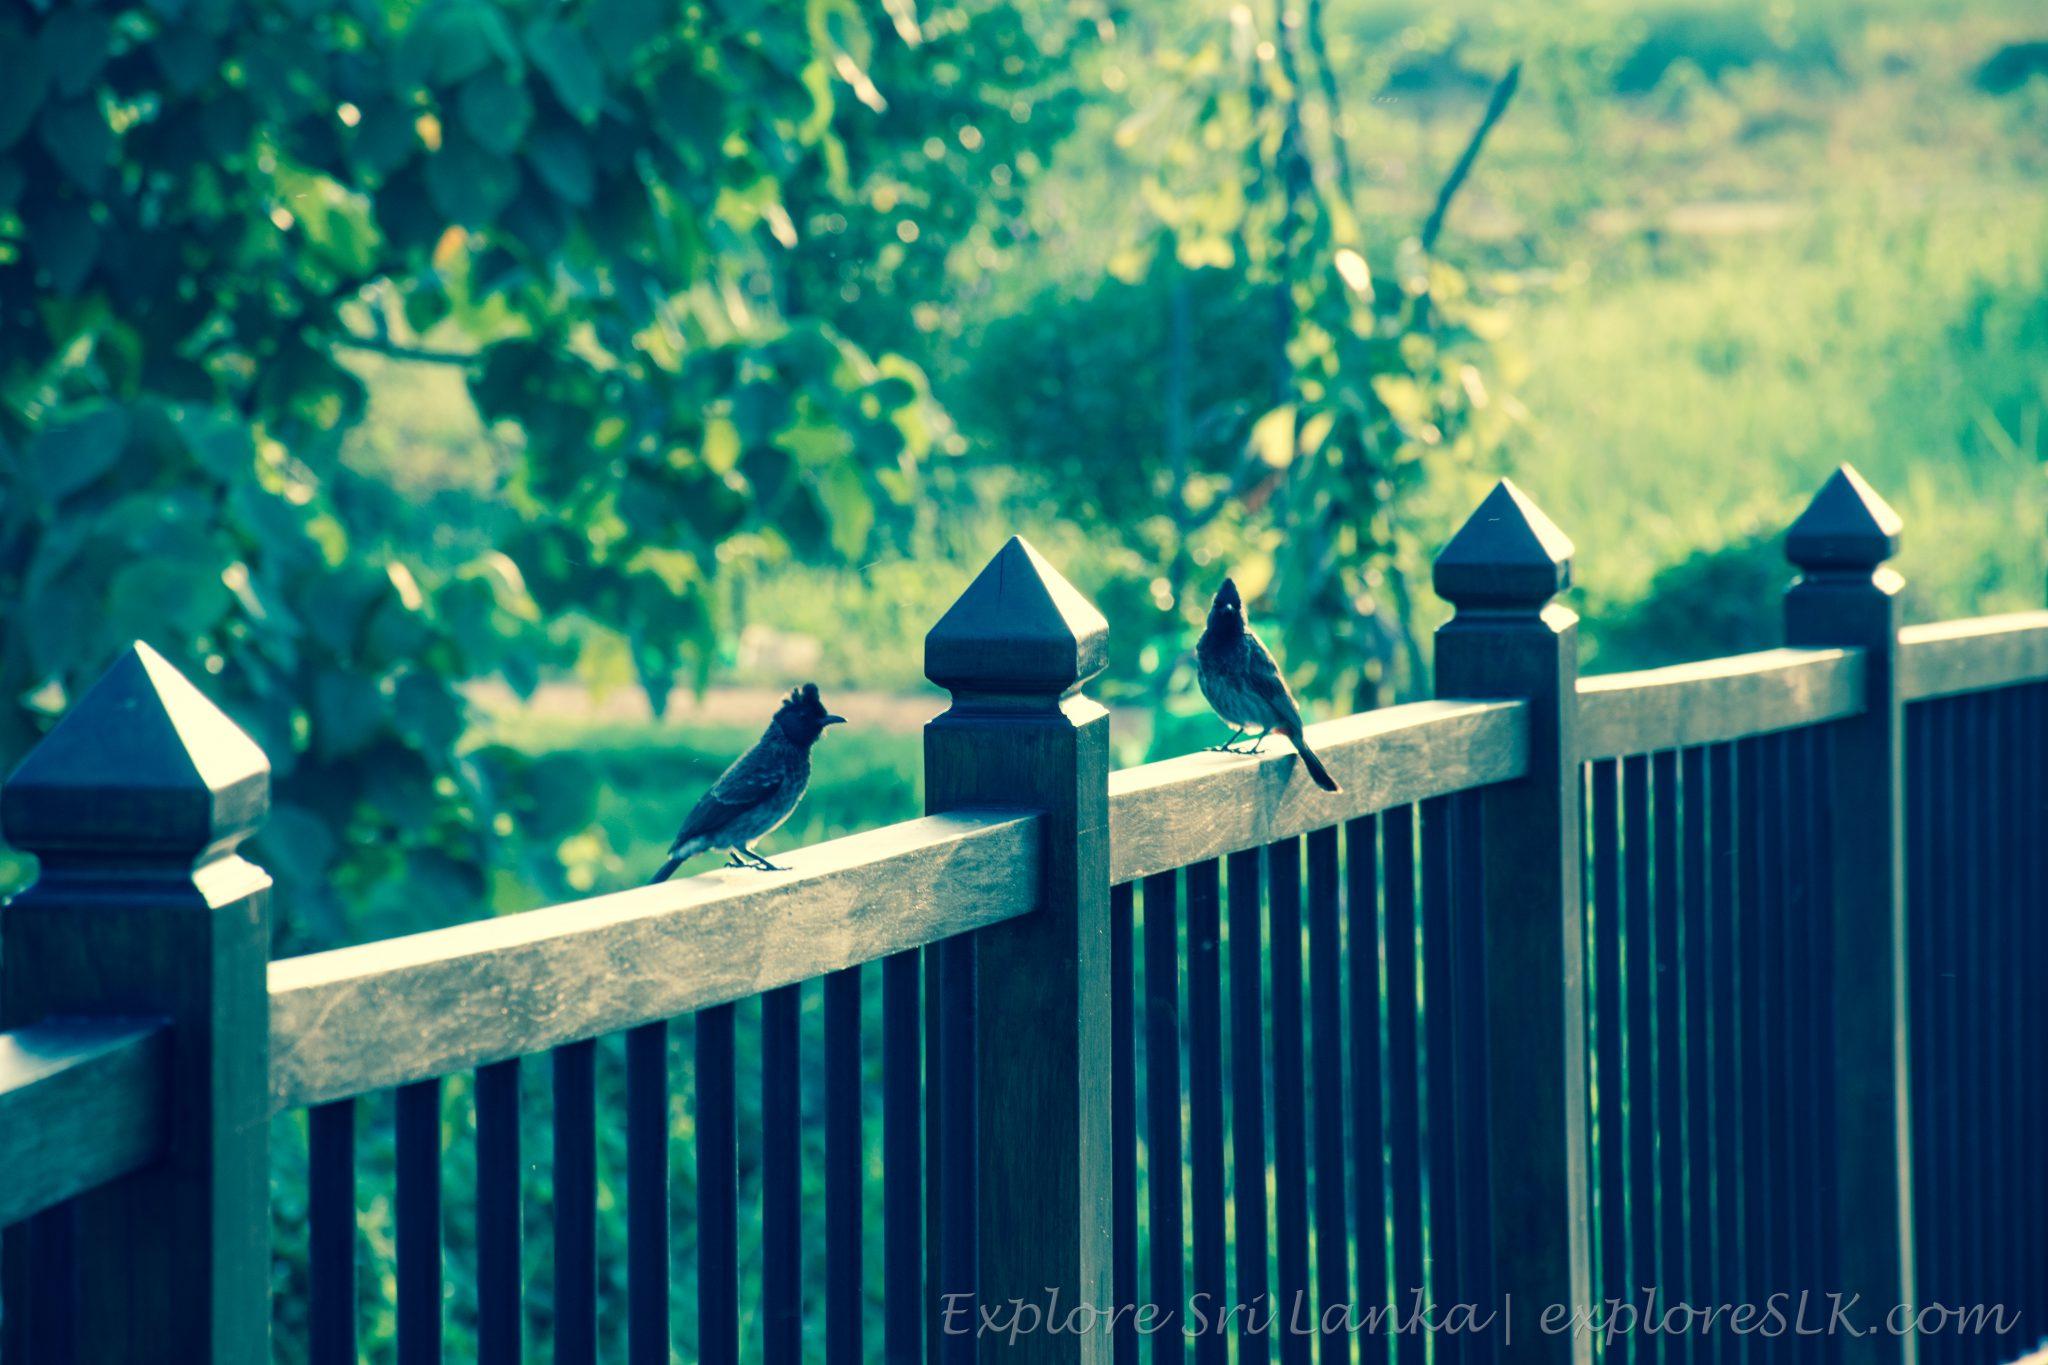 birds on the fence